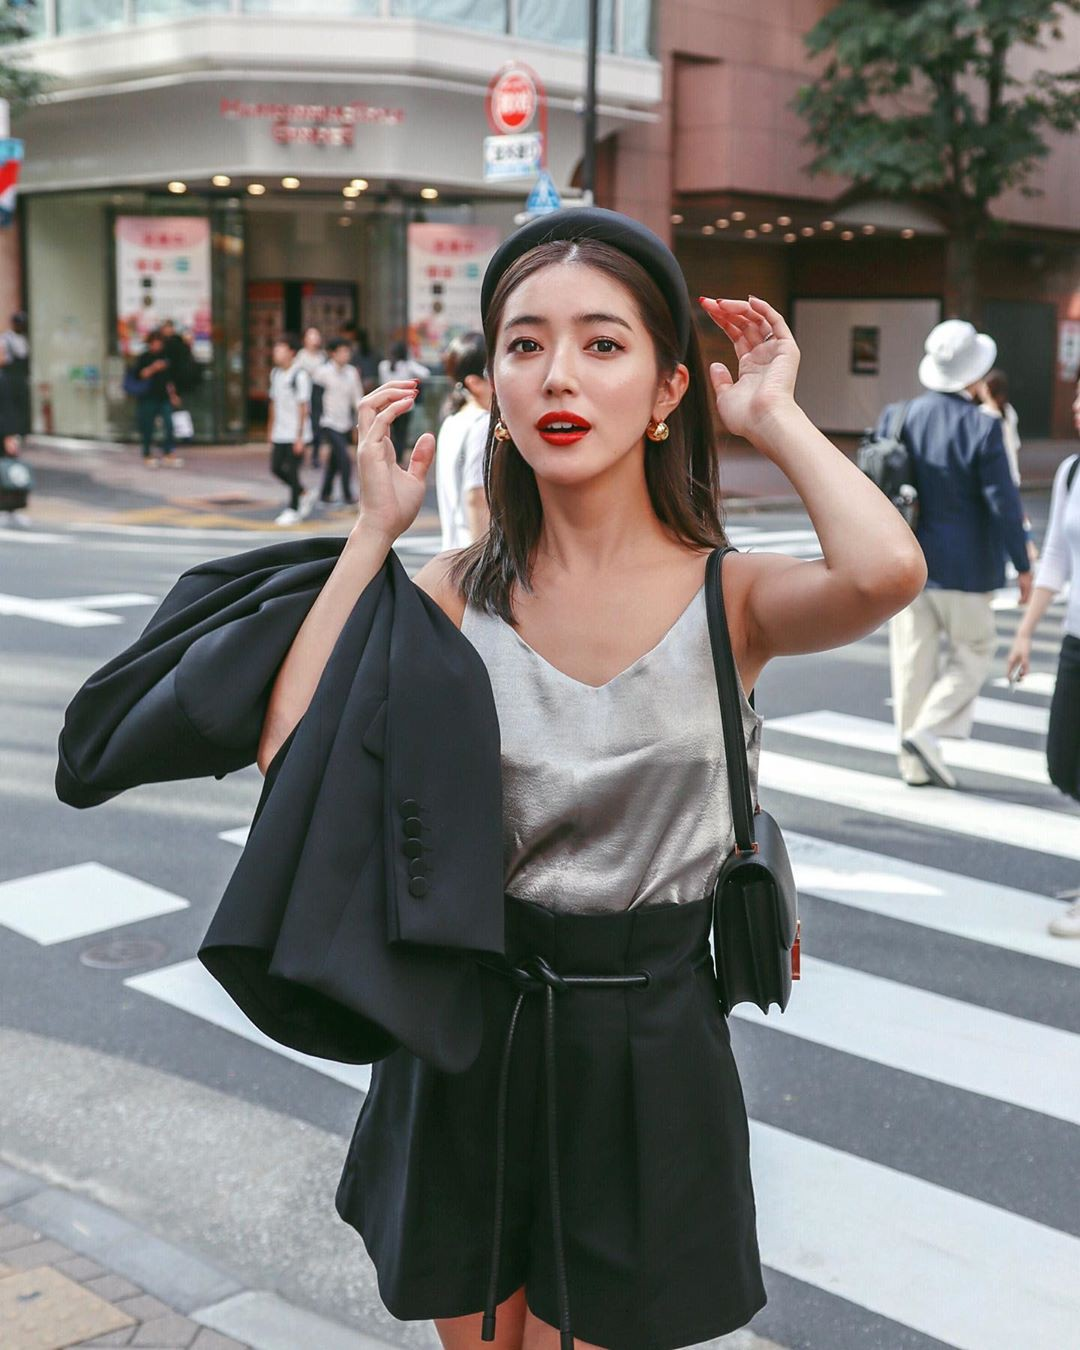 Trời vào thu mát mẻ, các quý cô Châu Á lại được dịp 'bung lụa' với loạt các thiết kế đầy màu sắc - Ảnh 9